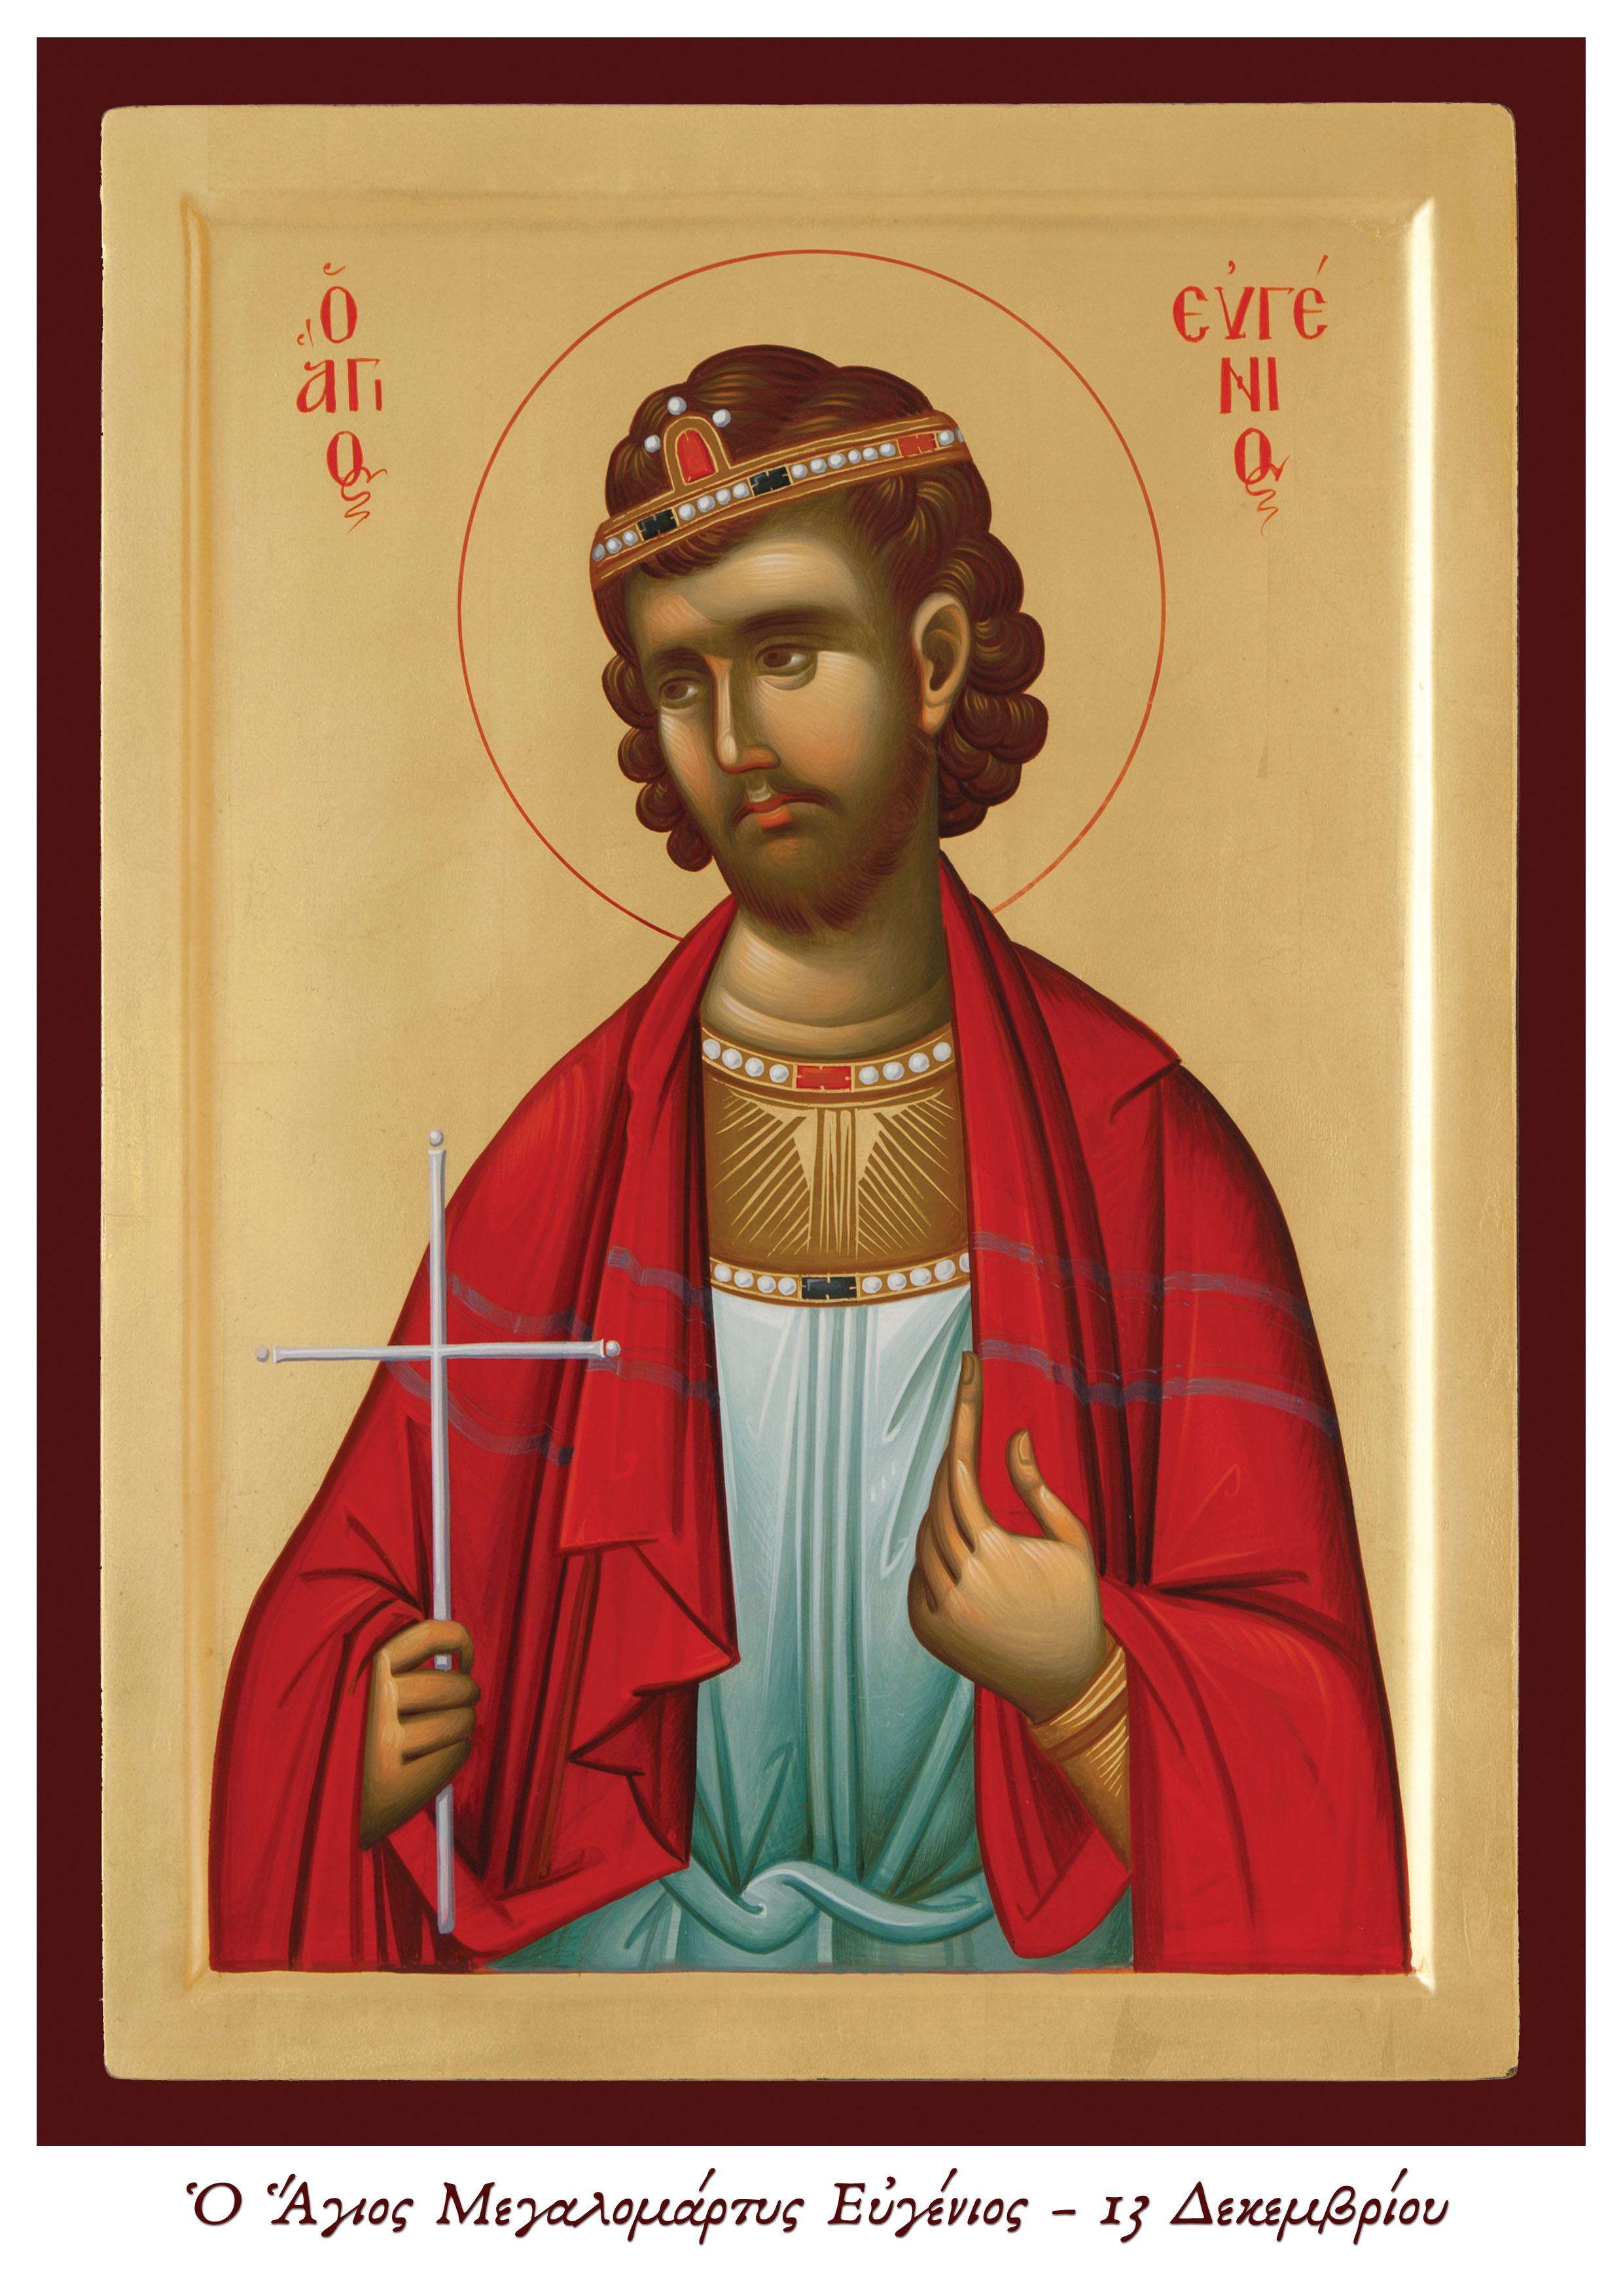 Τιμή στην μνήμη του Αγίου Μάρτυρος Ευγενίου